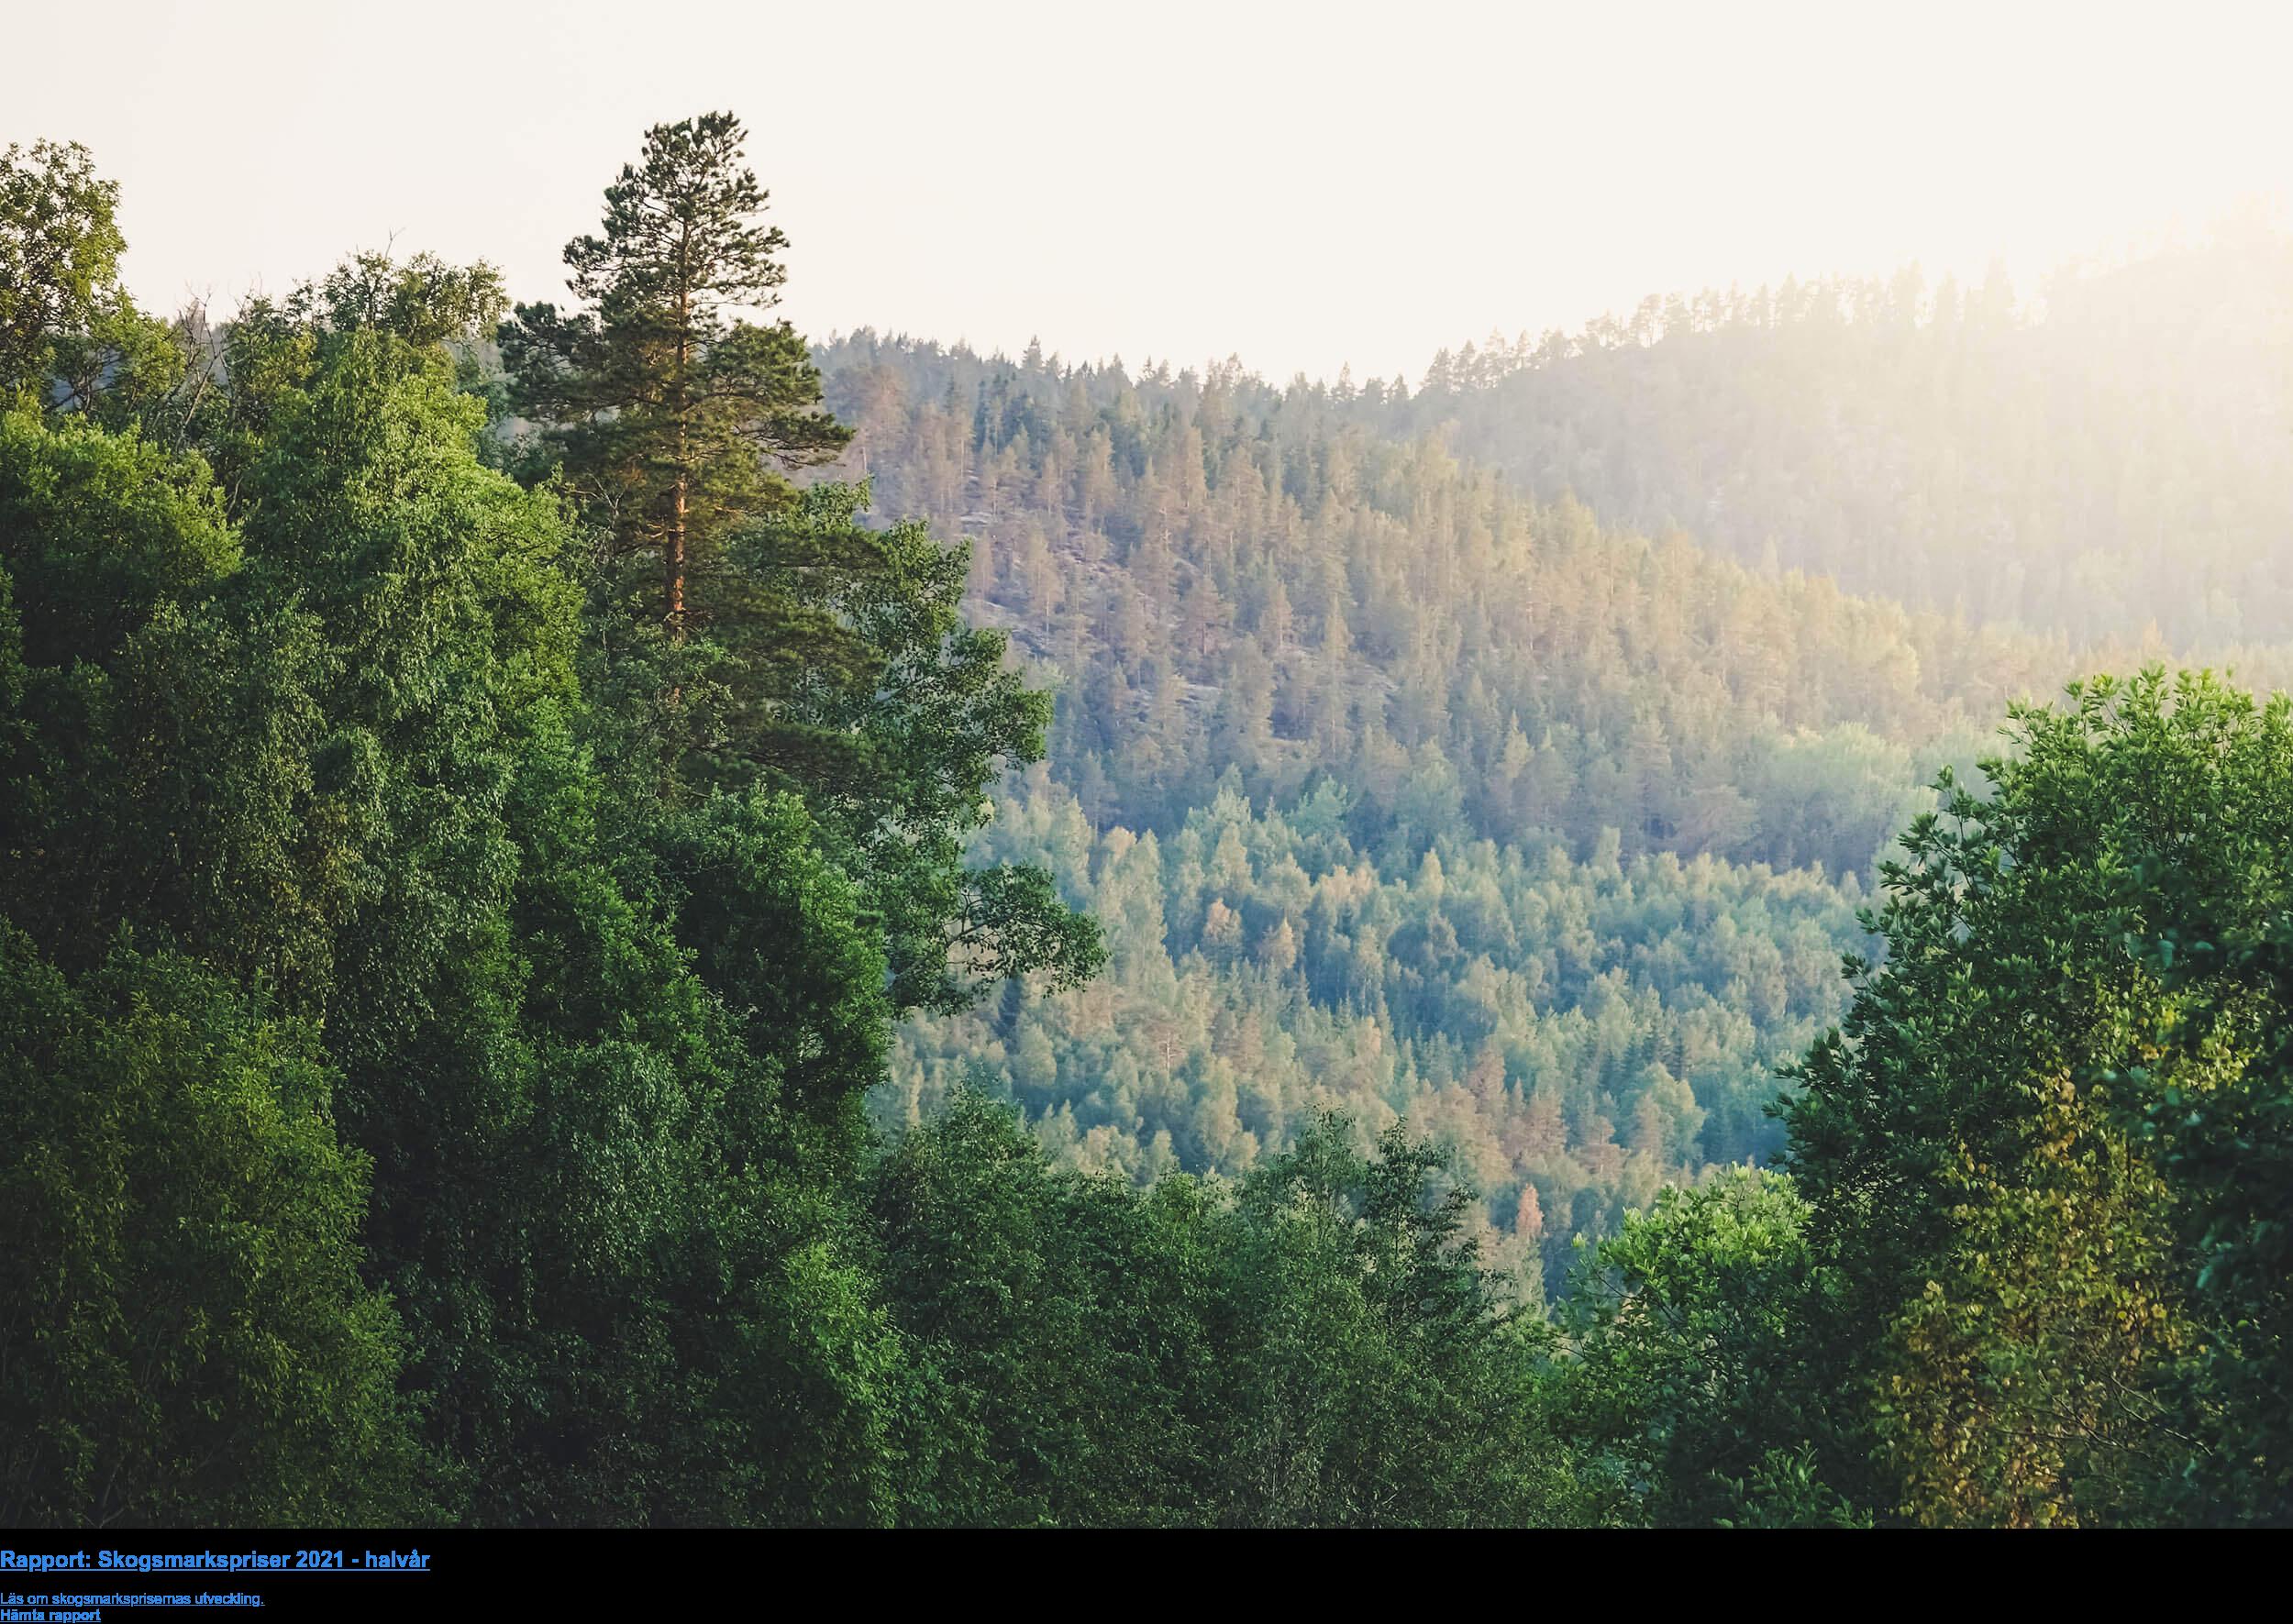 Rapport: Skogsmarkspriser 2021 - halvår  Läs om skogsmarksprisernas utveckling. Hämta rapport